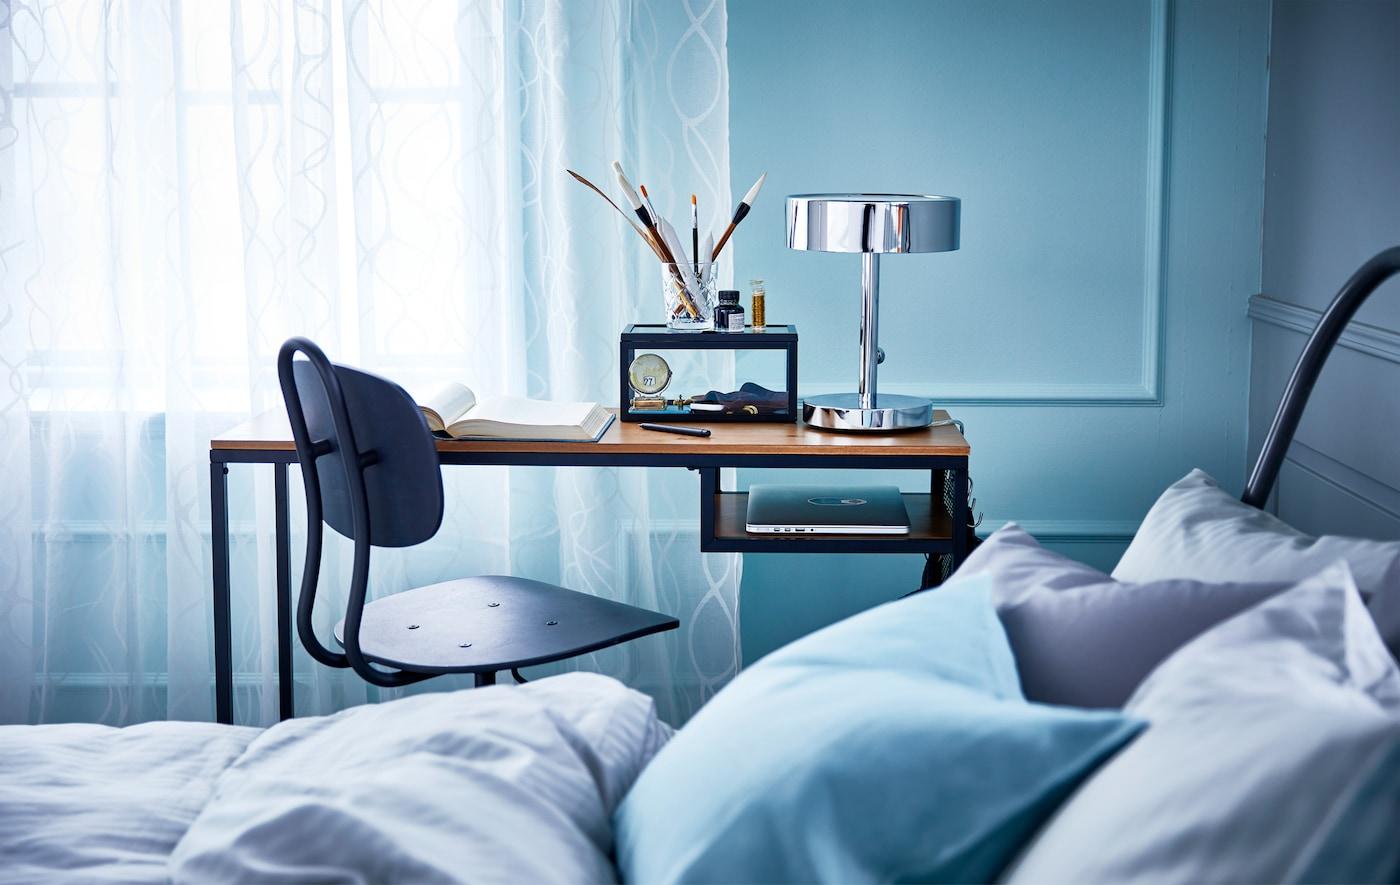 Tavolo per PC in metallo e legno con rotelle e sedia girevole collocati nello spazio fra letto e parete - IKEA